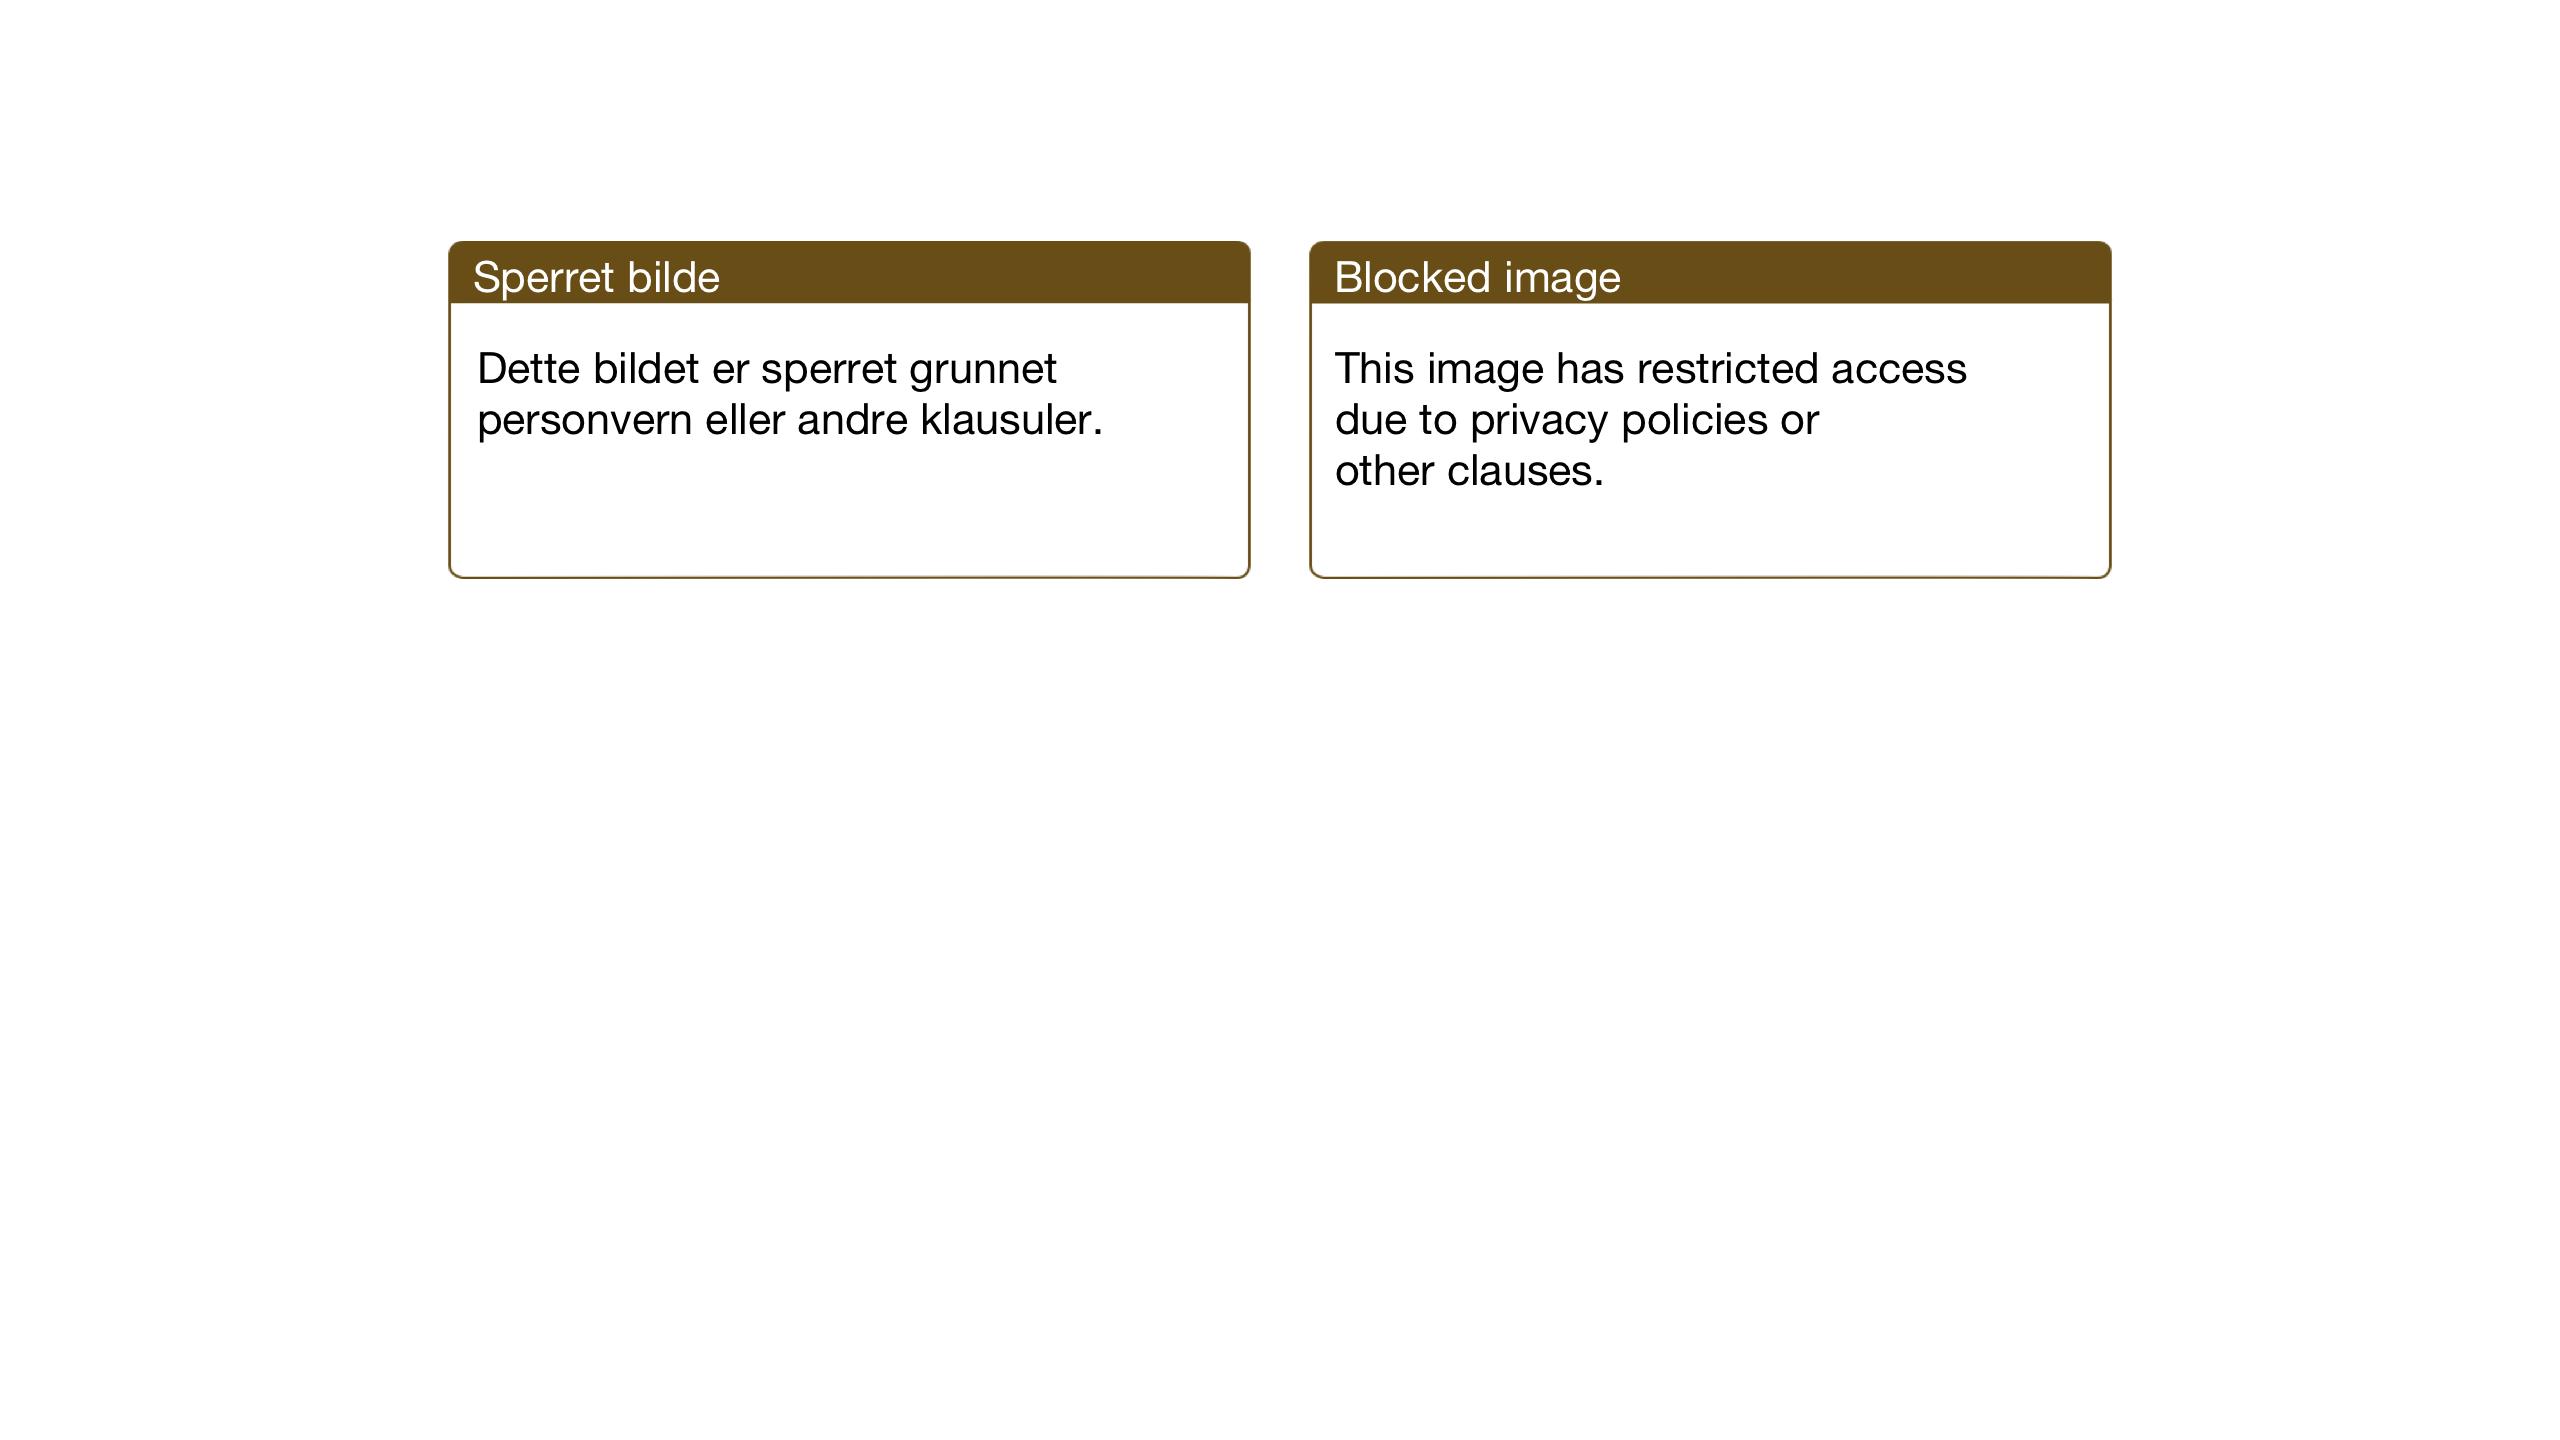 SAT, Ministerialprotokoller, klokkerbøker og fødselsregistre - Sør-Trøndelag, 606/L0315: Klokkerbok nr. 606C11, 1938-1947, s. 106